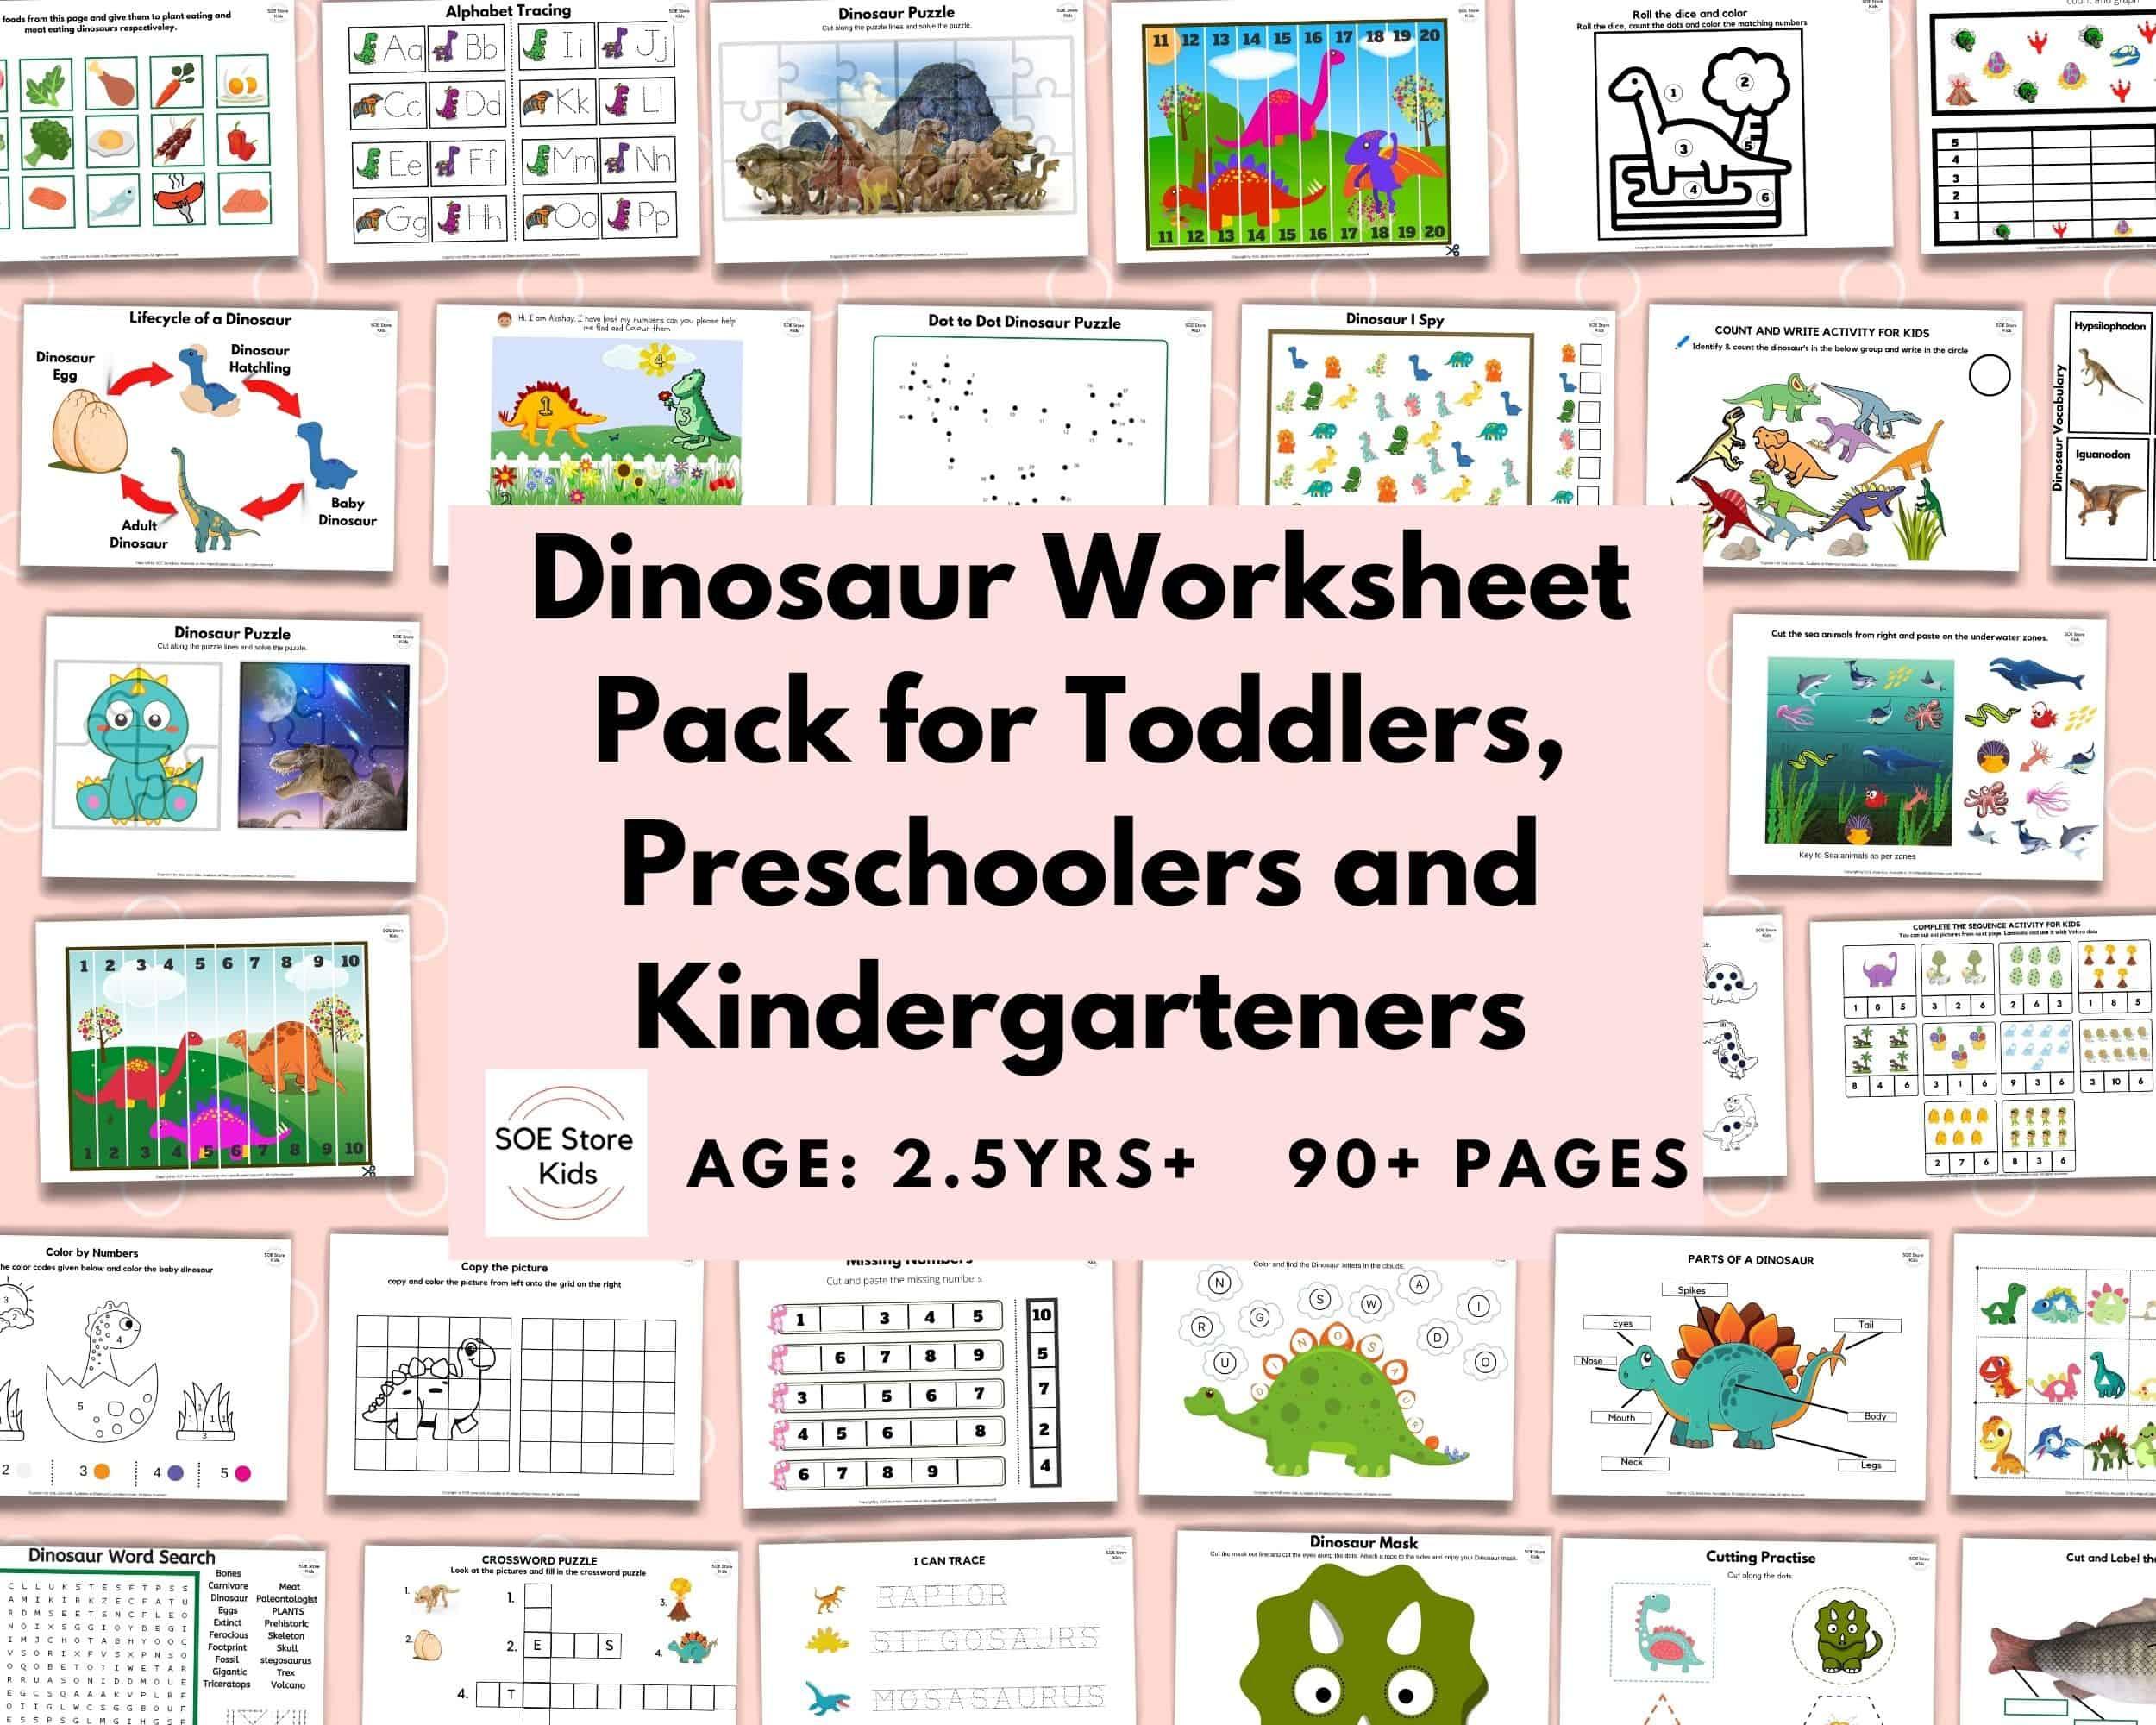 Dinosaur Worksheet Pack for Toddlers, Preschoolers and Kindergarteners